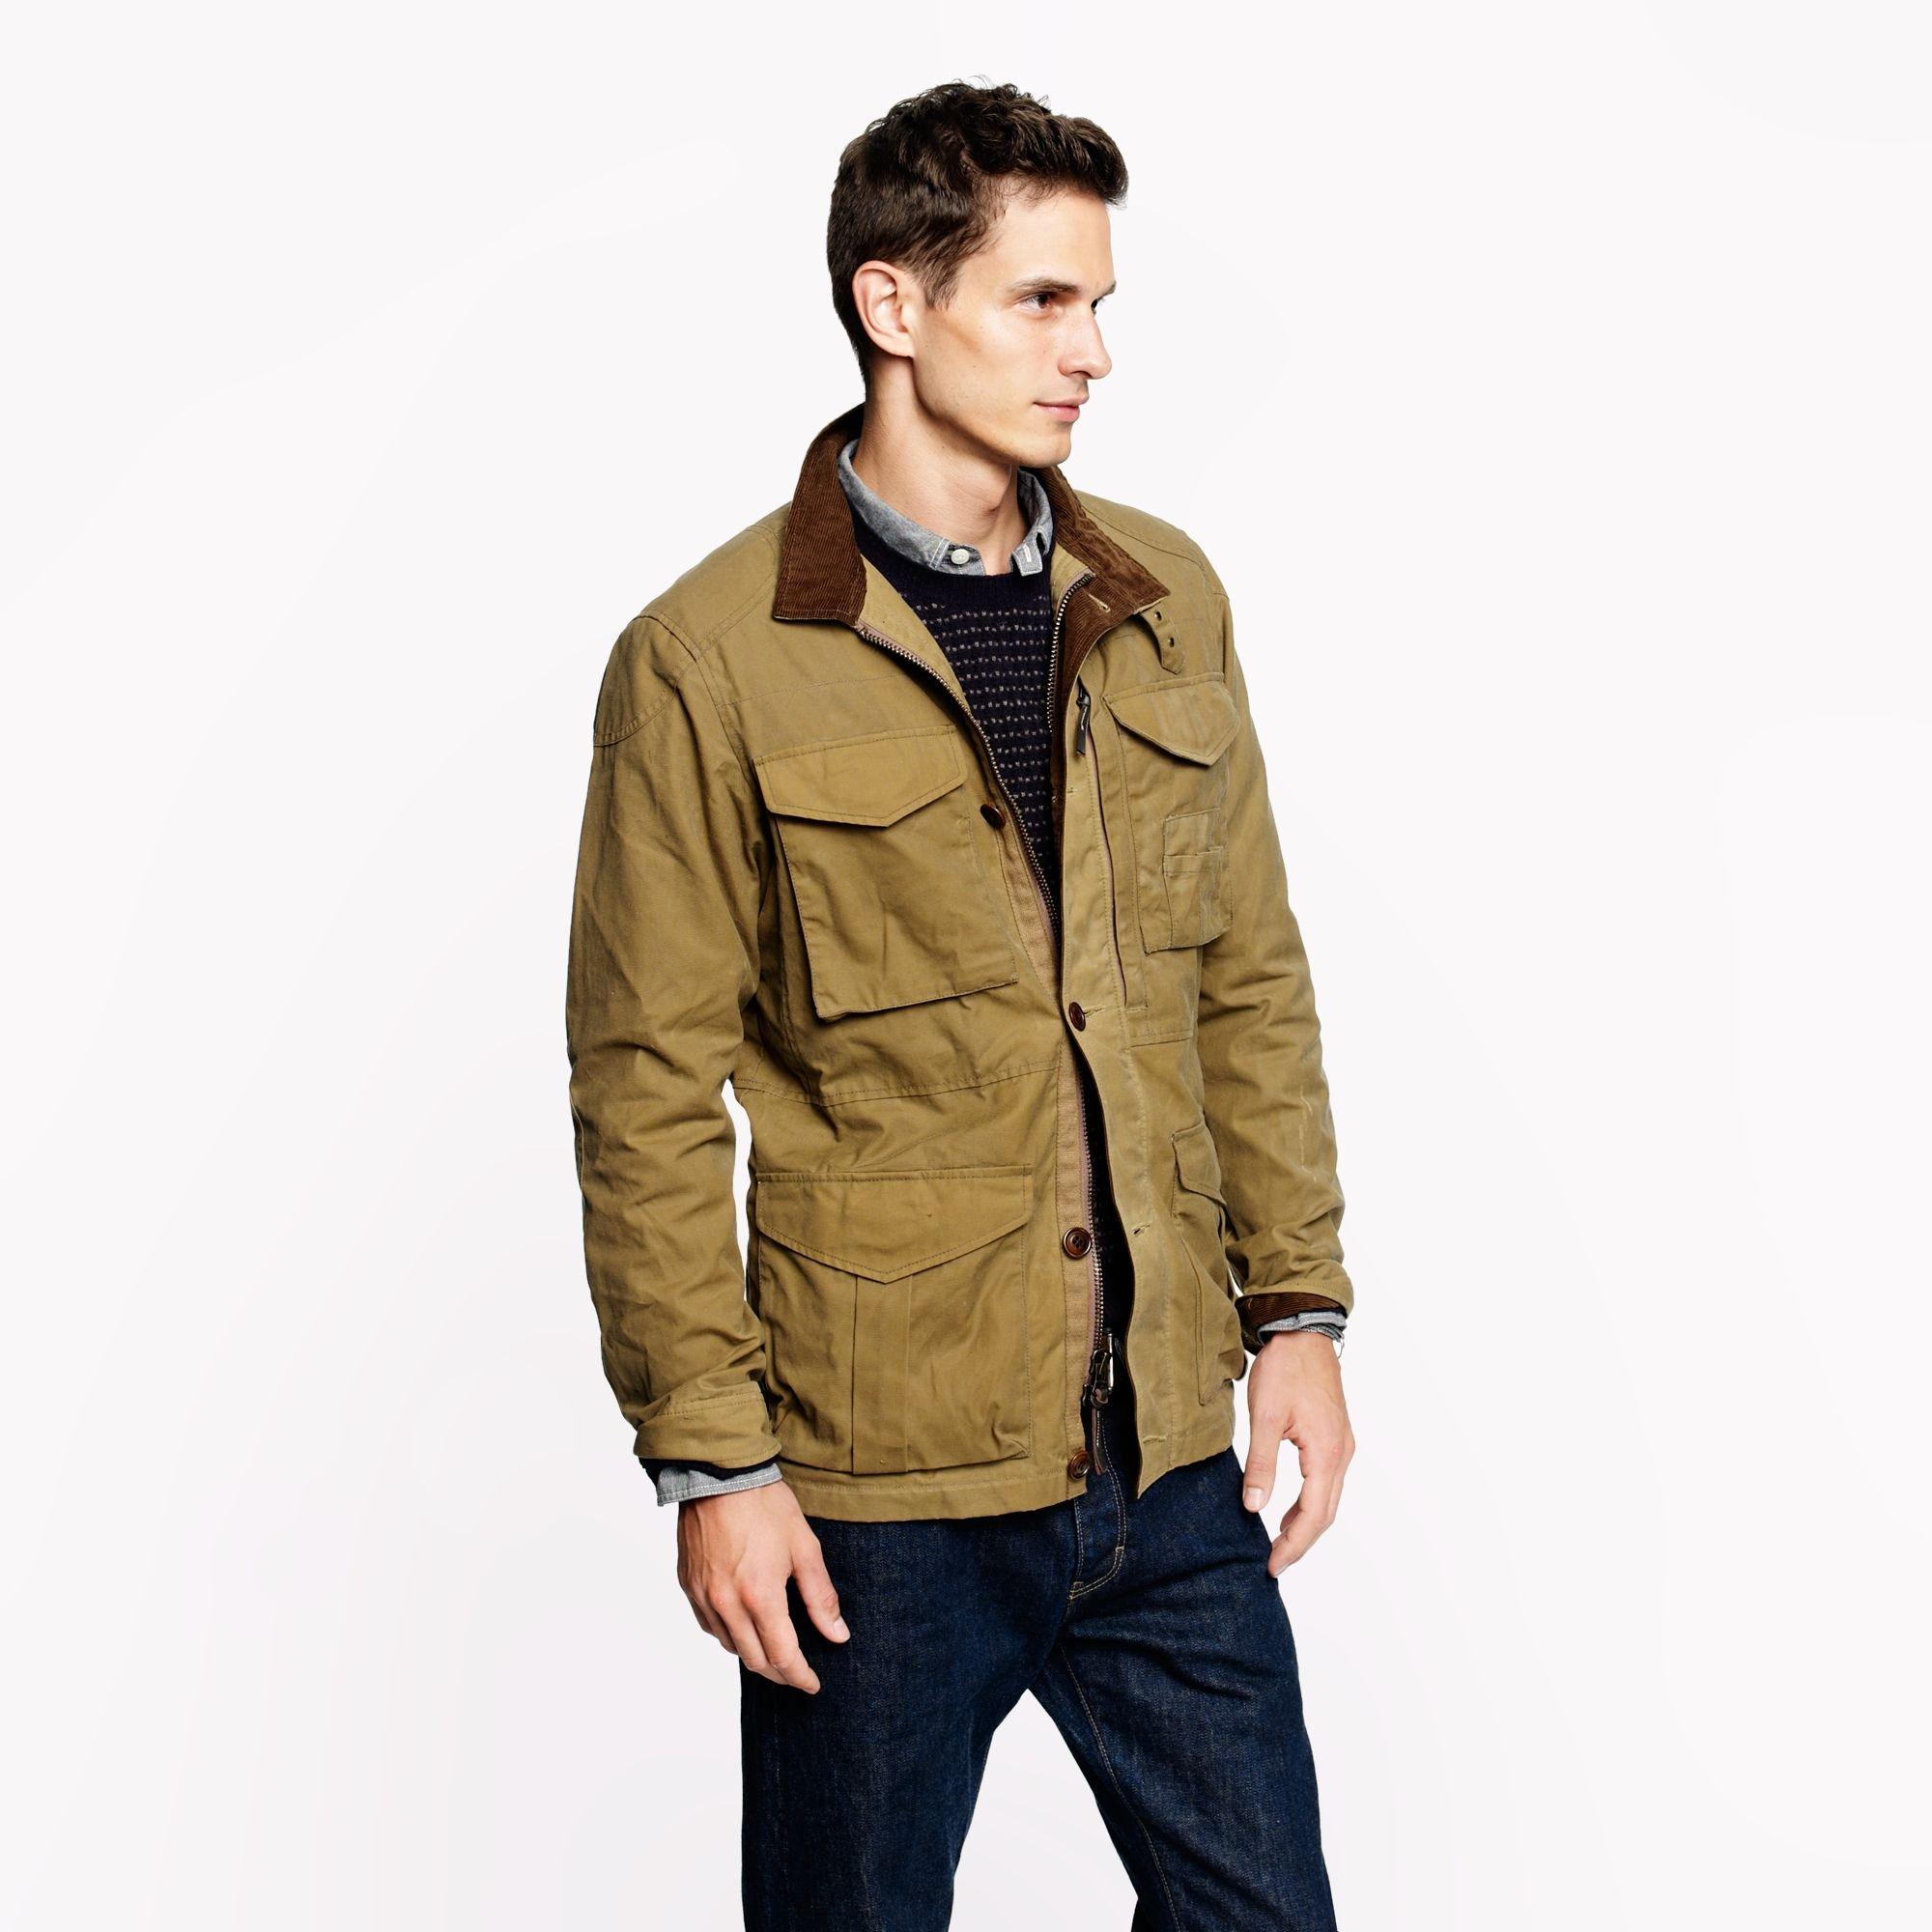 J Crew Tall British Millerain Waxed Cotton Field Jacket In